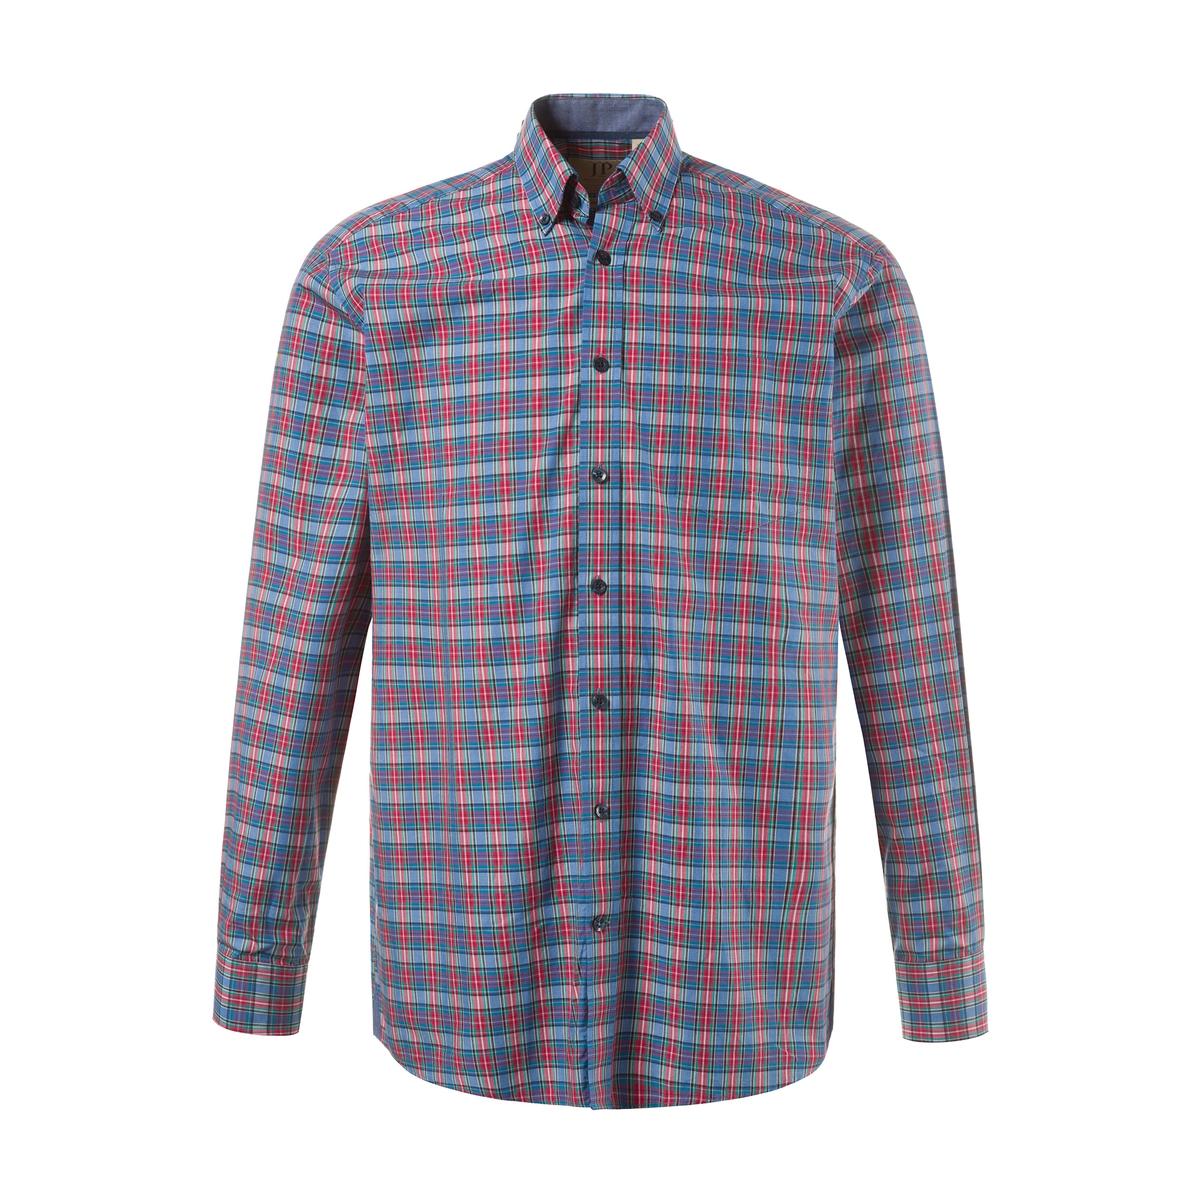 РубашкаРубашка в клетку с длинными рукавами. 100% хлопок.<br><br>Цвет: в клетку<br>Размер: 5XL.3XL.L